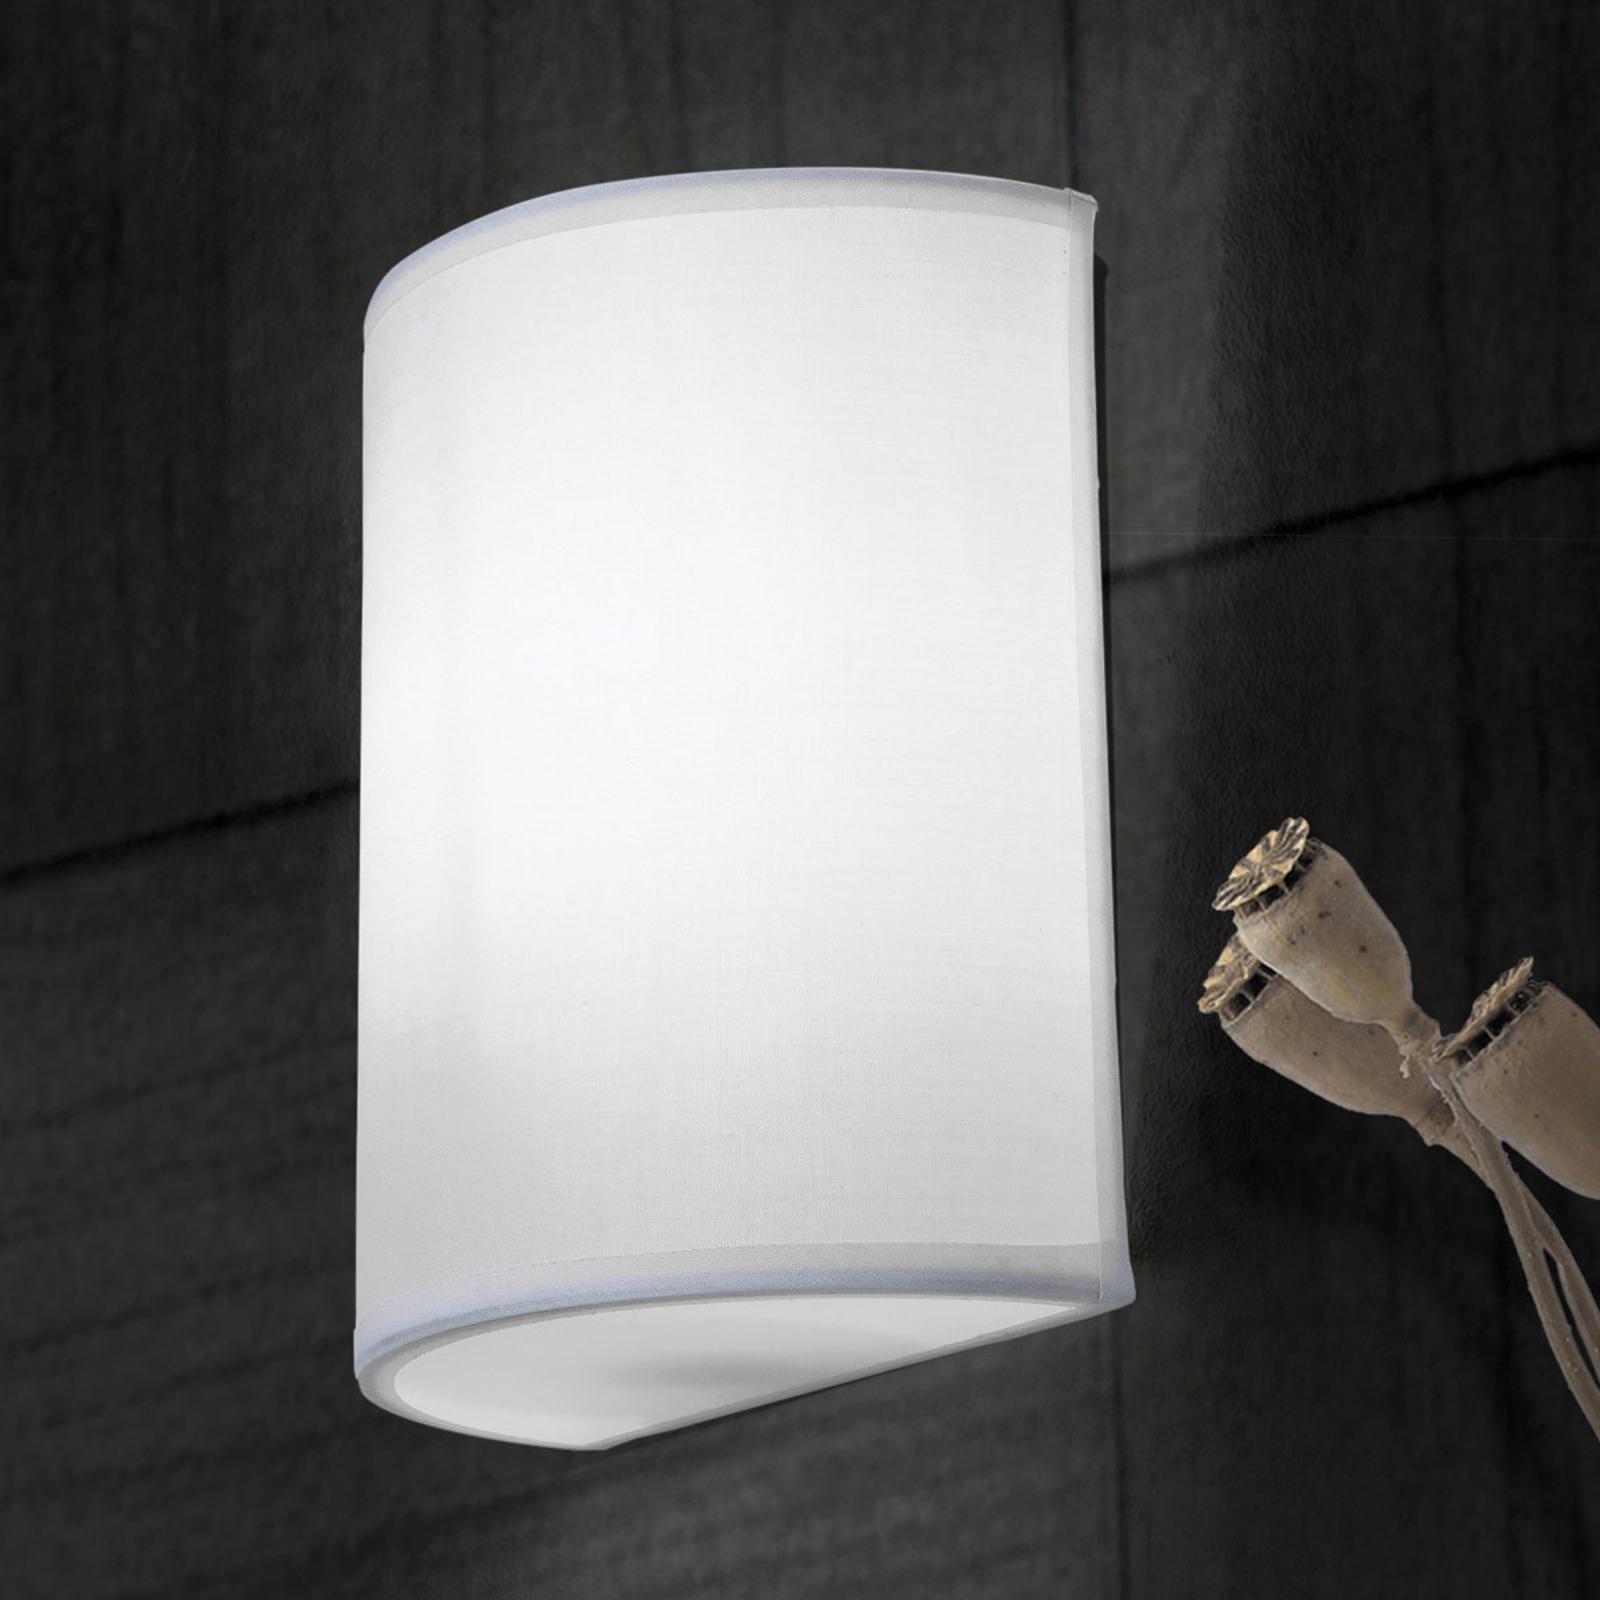 Wandlamp UFO met linnen kap in Wit